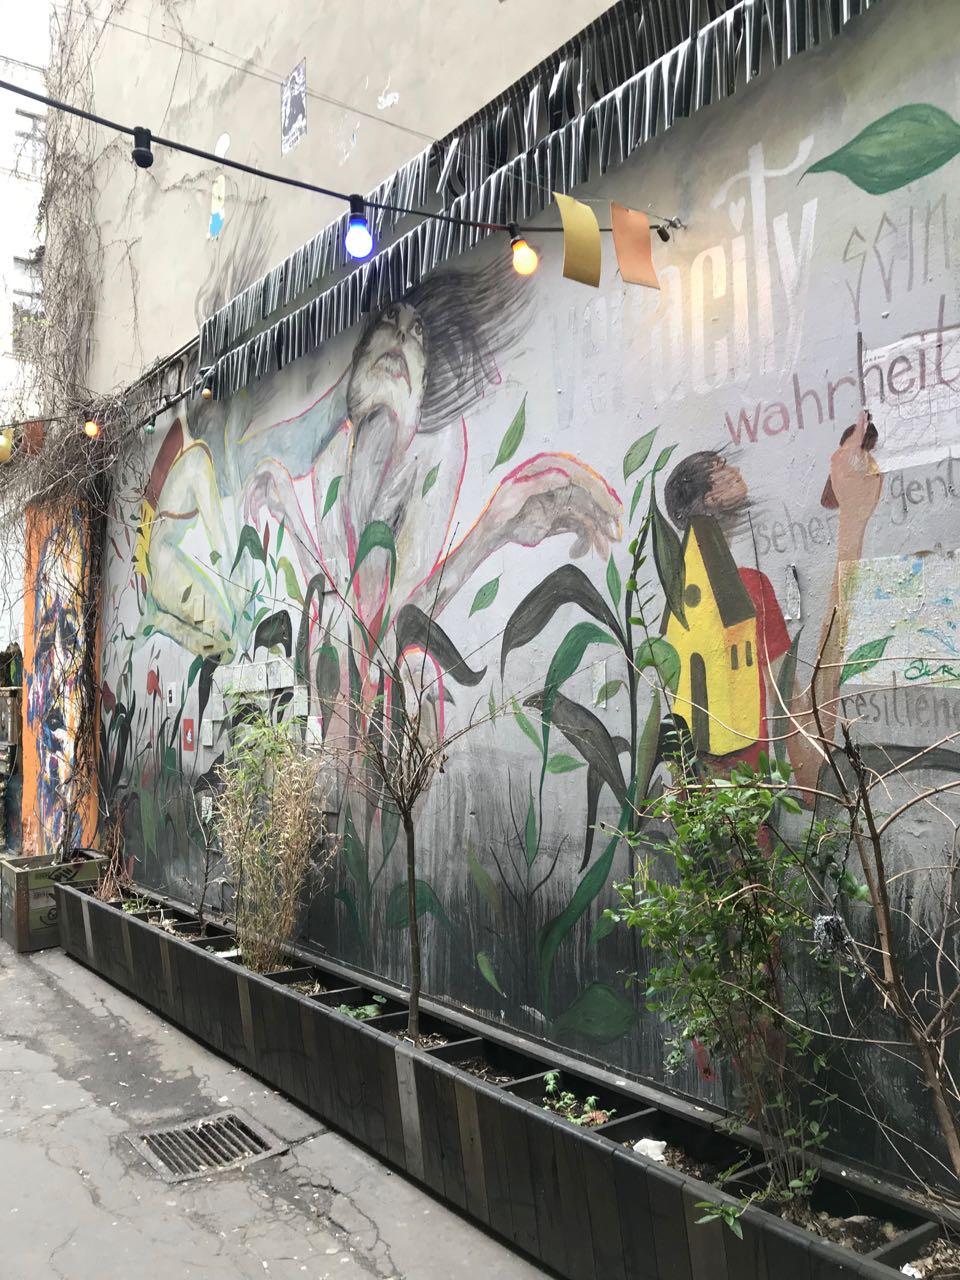 Berlin graffiti.jpg